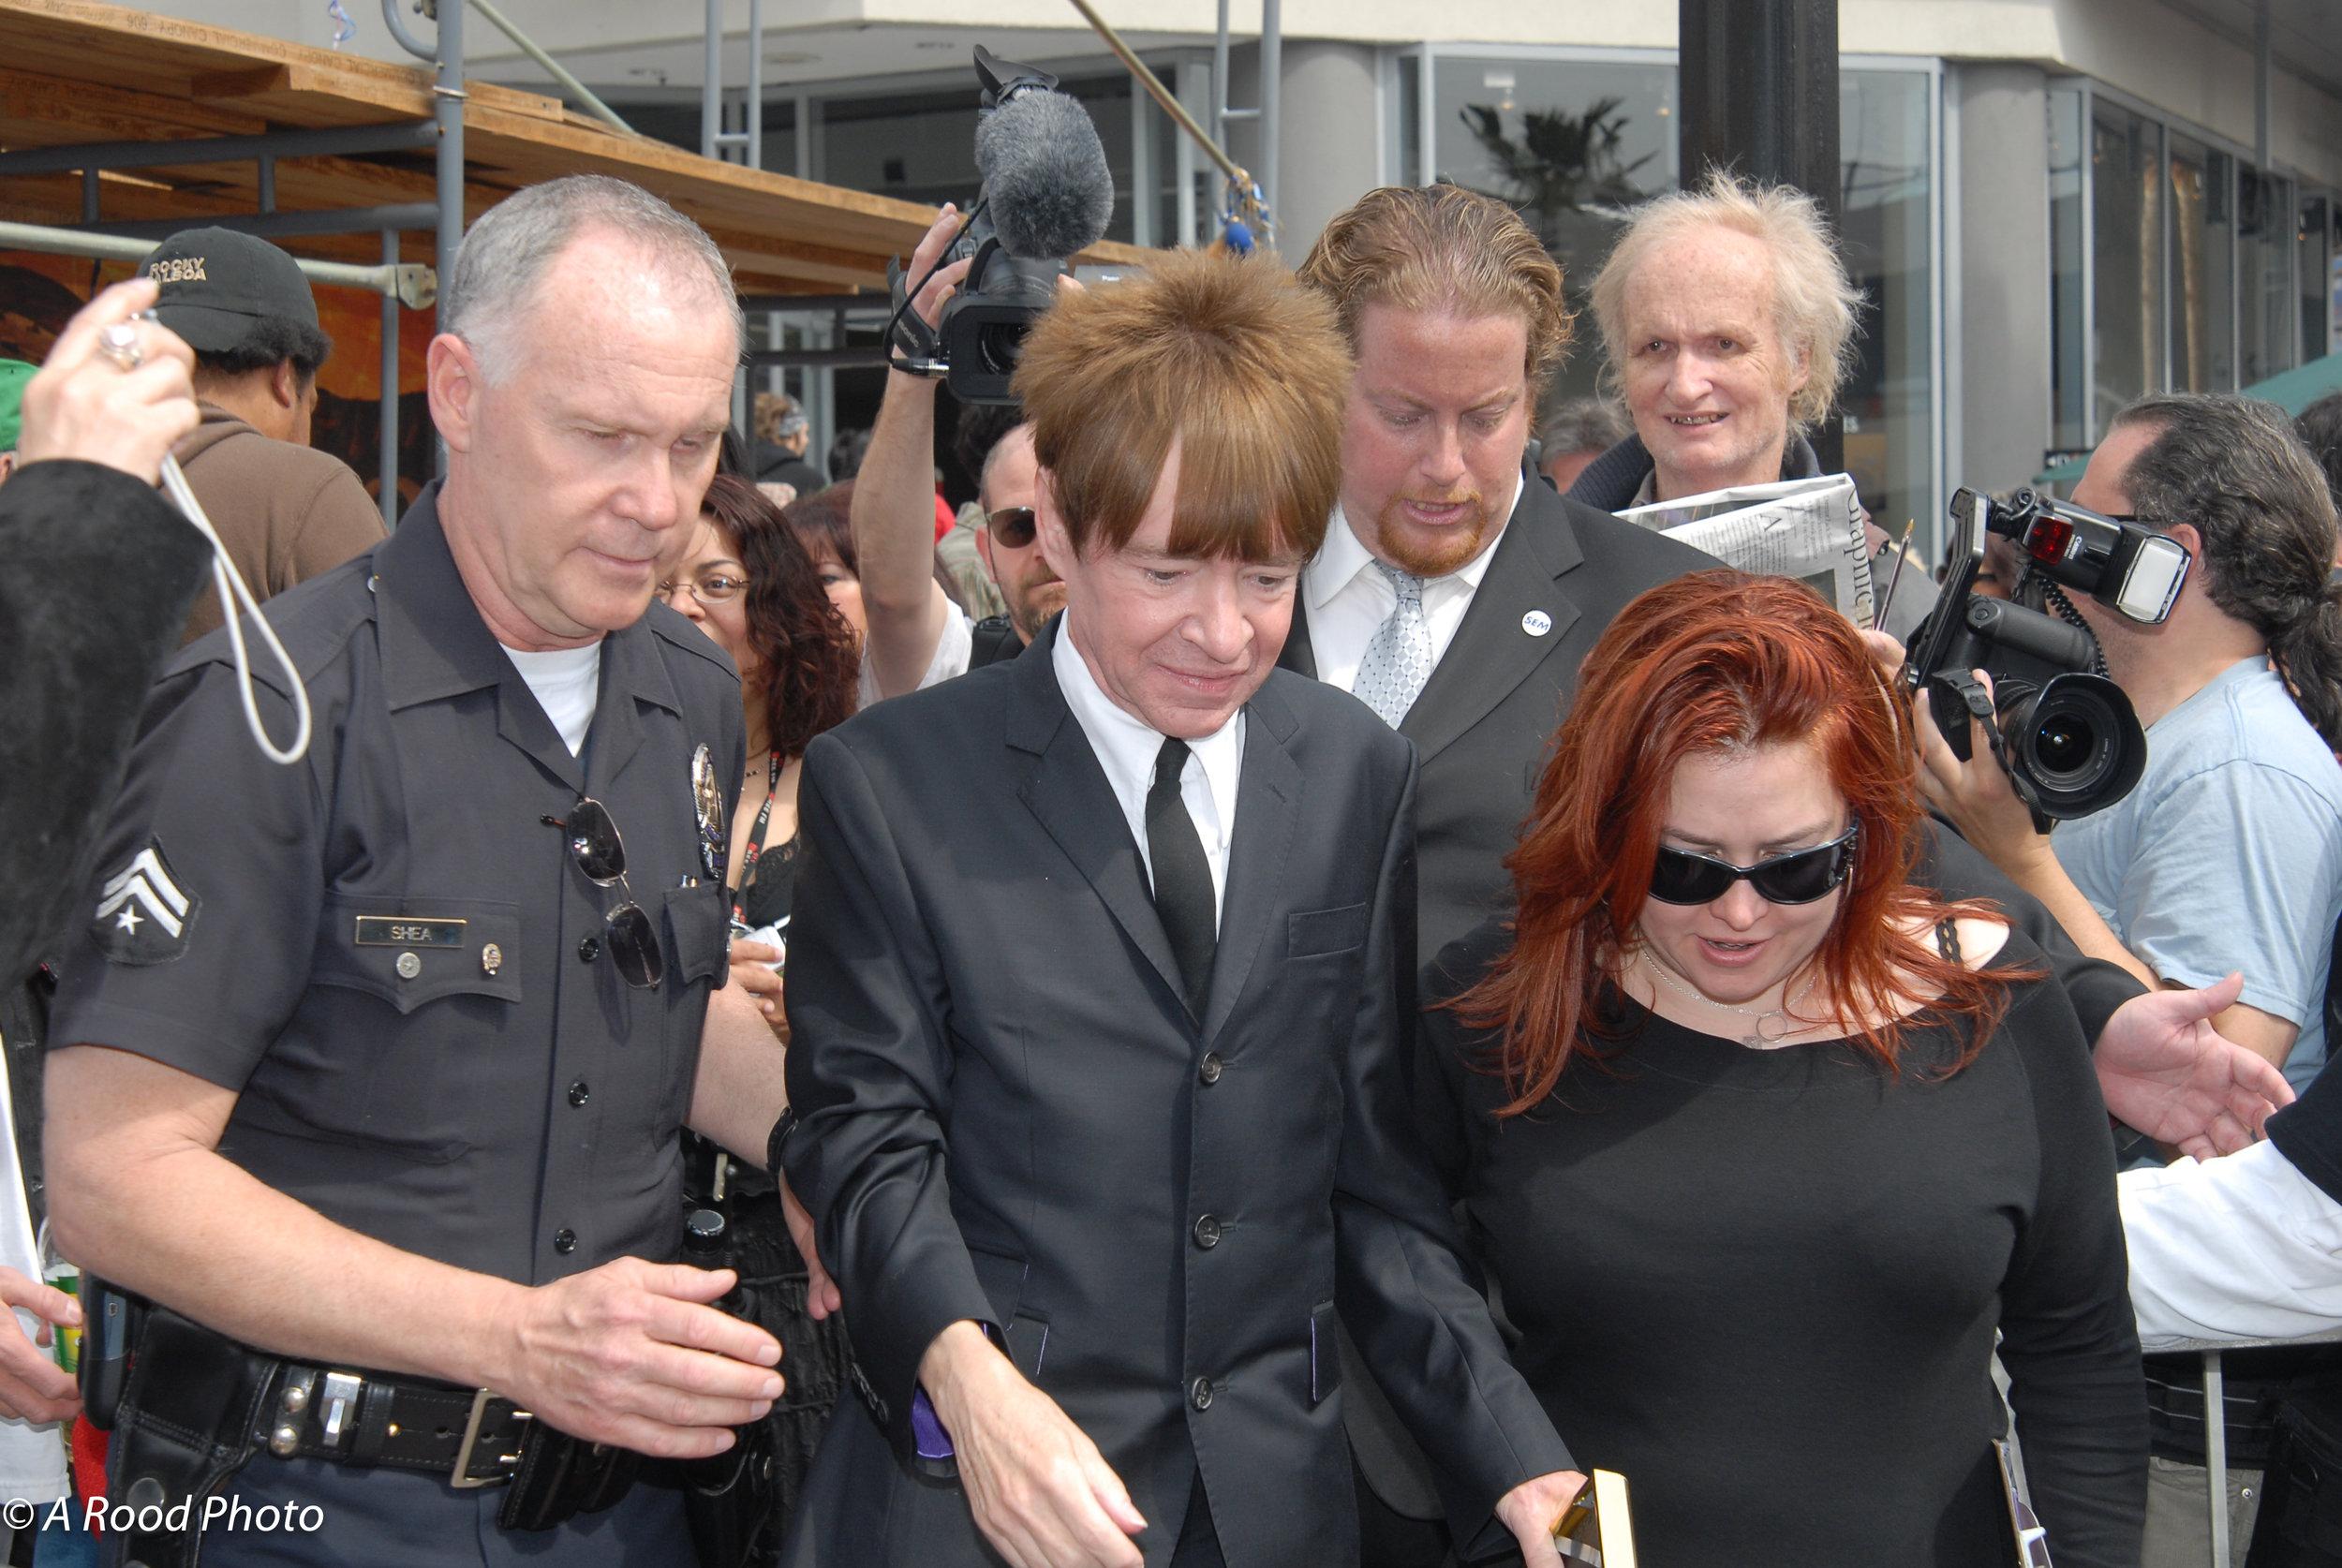 Rodney leaving2.jpg